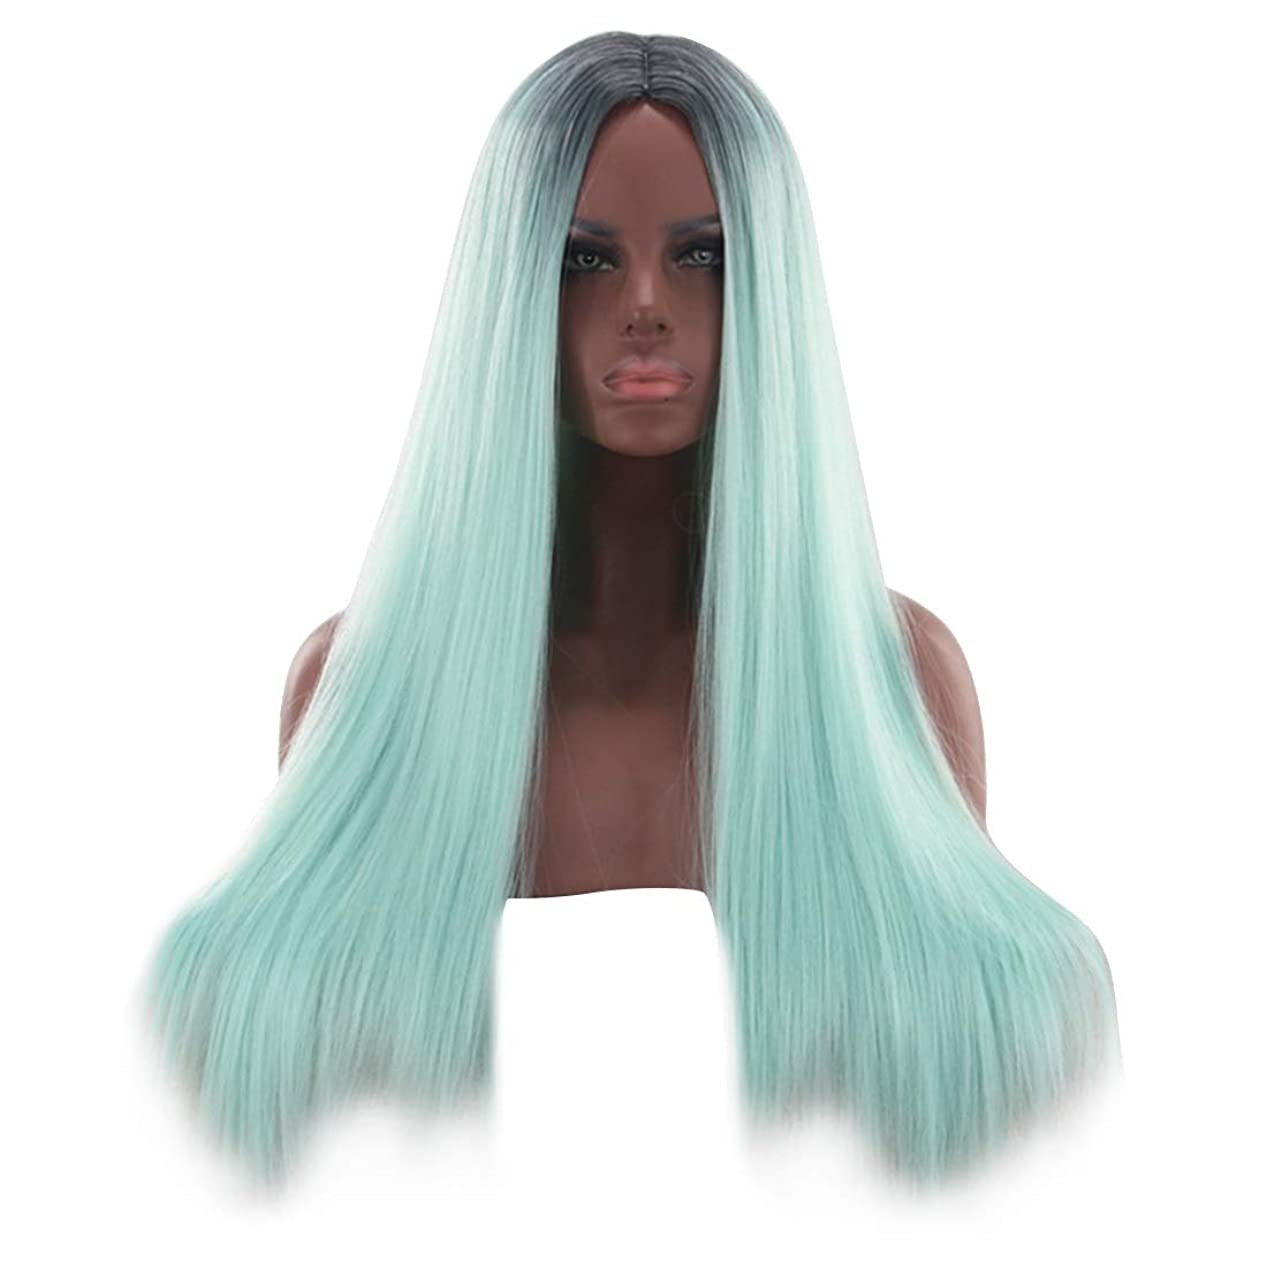 発掘する分従事するHOHYLLYA 26インチブロンドグリーンレースフロントウィッグ前髪ロングストレートウィッグ女性用合成かつらウィッグ女性用かつら耐熱ファイバーファッションウィッグ